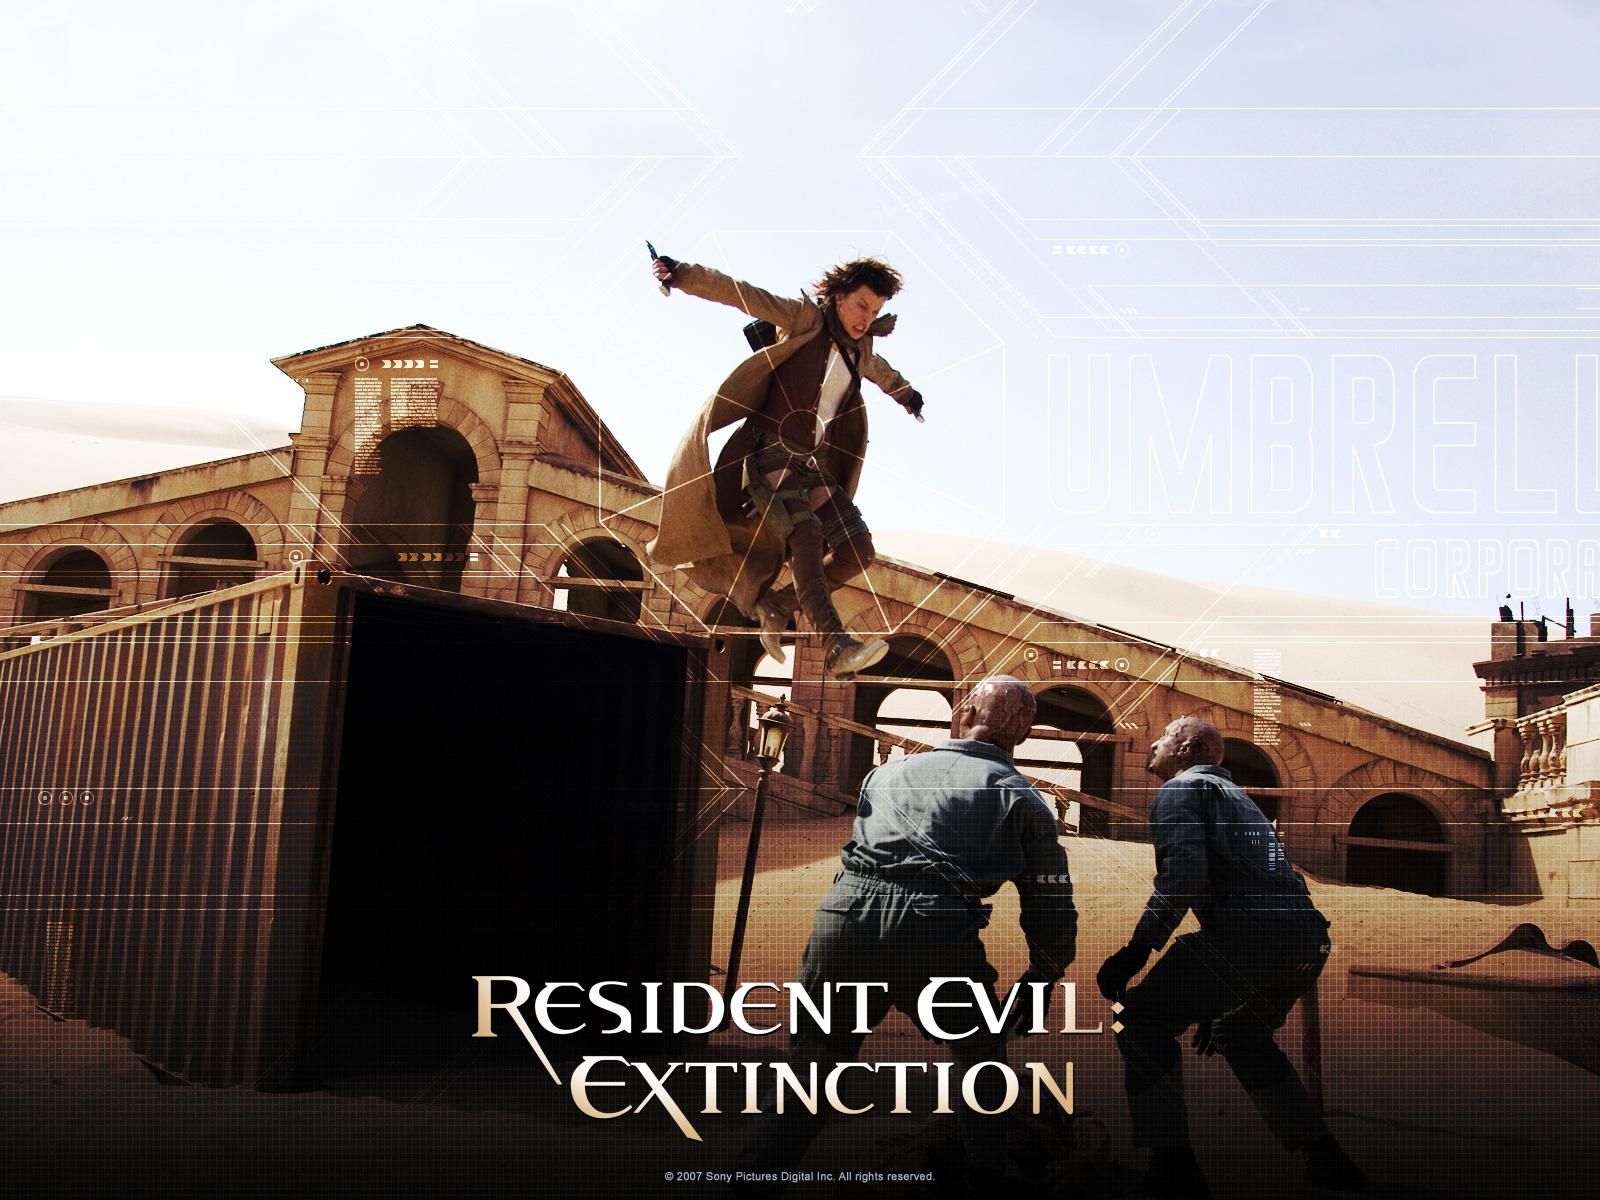 http://1.bp.blogspot.com/_2U3U6AwE-ZQ/TI-rT1p4FFI/AAAAAAAAAX4/IklCLp5MTlY/s1600/Resident_Evil_Extinction-001%28www.TheWallpapers.org%29.jpg